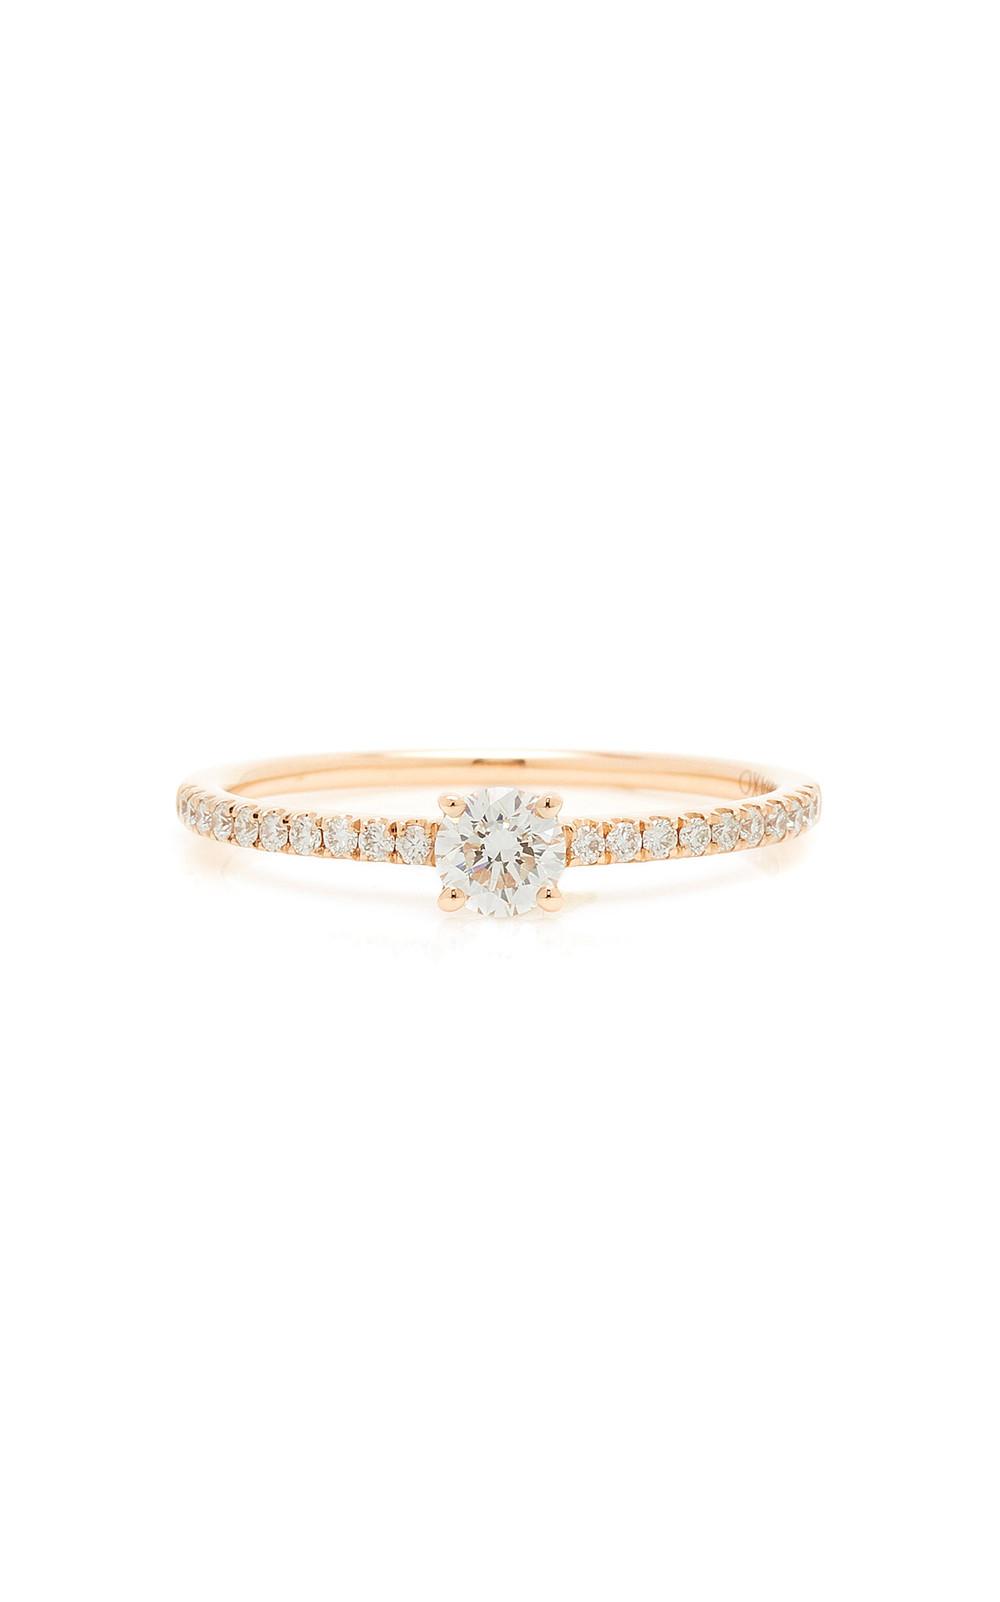 Anita Ko Me/You Round Diamond 18K Gold Ring in pink